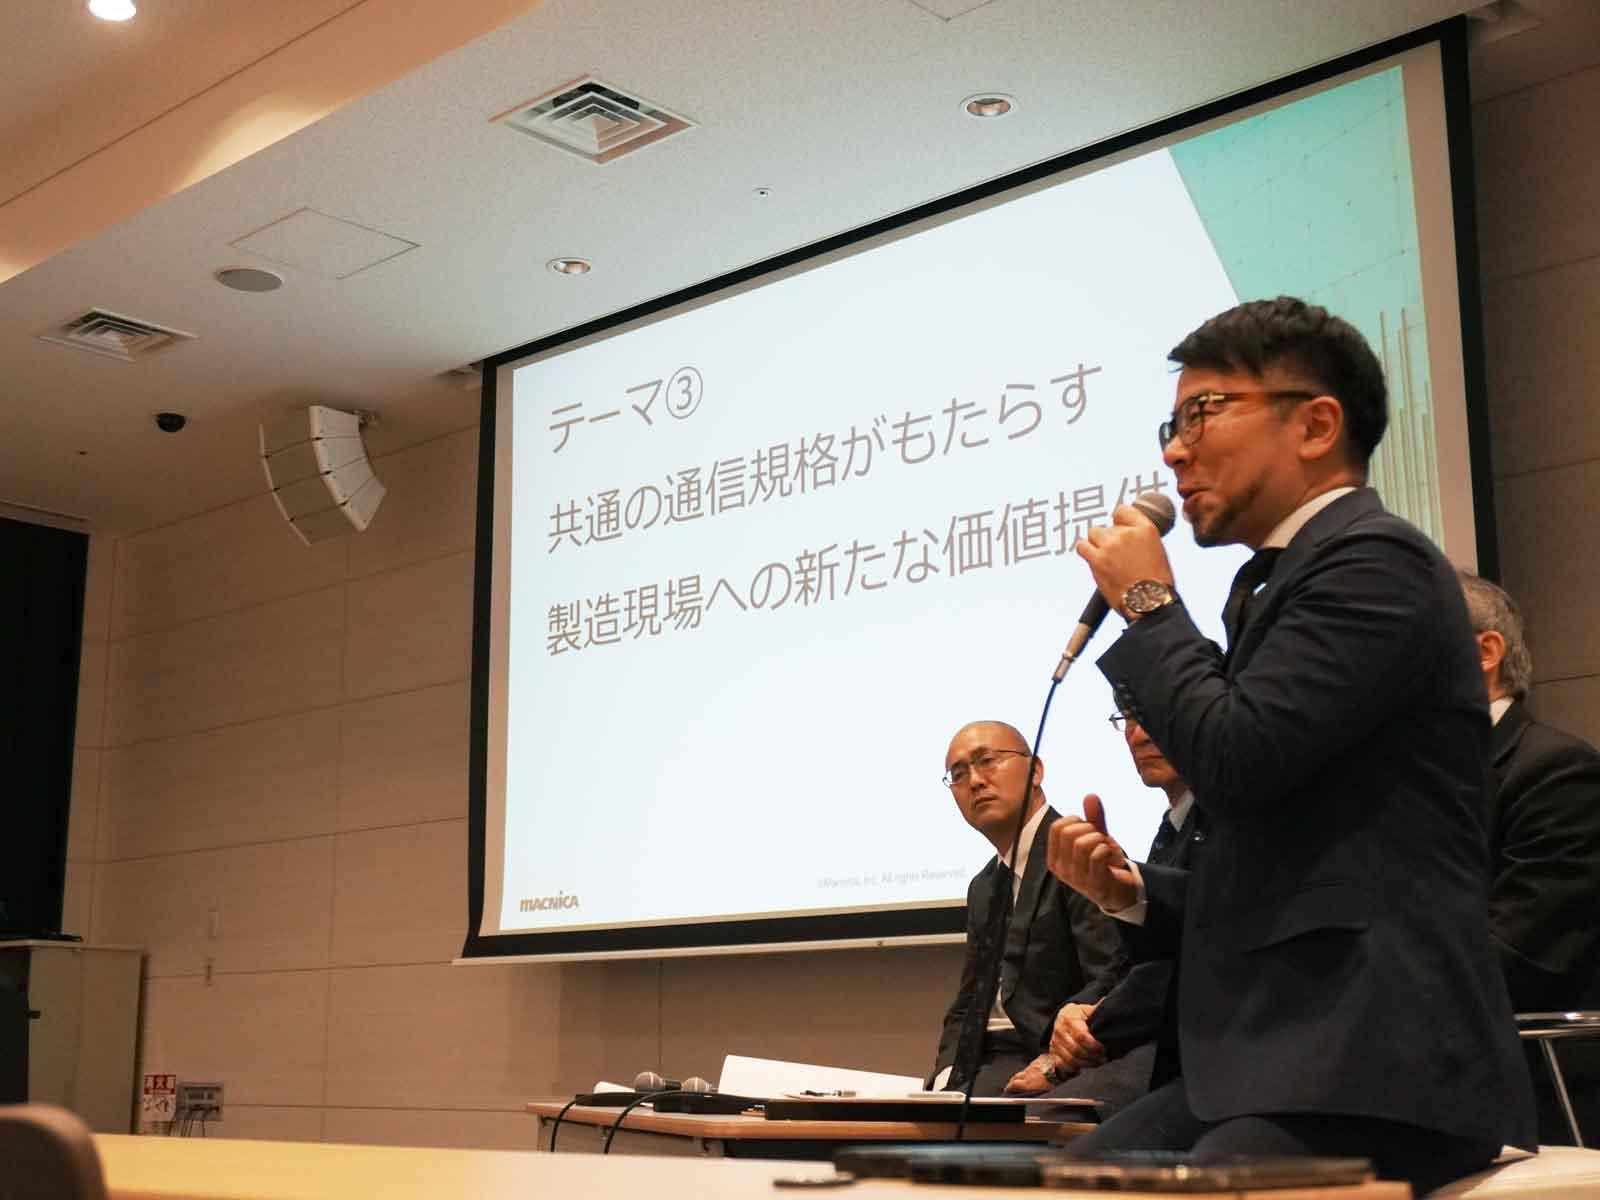 工作機械メーカー様向け技術交流会にCTO田口が登壇しました